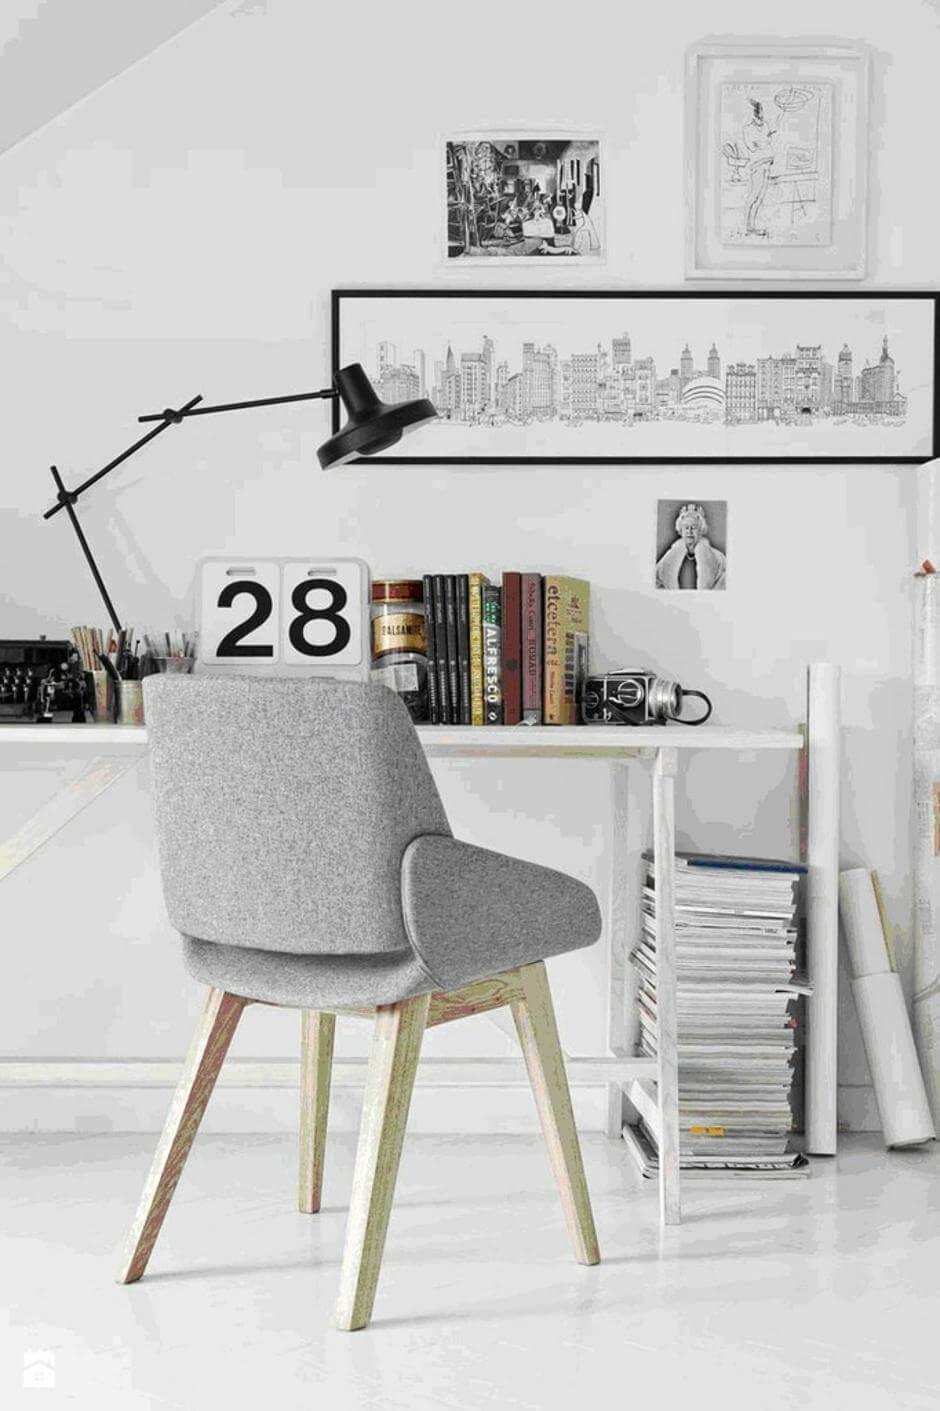 12 เทคนิคตกแต่งออฟฟิศเล็กให้ดูใหญ่ ถูกใจ SME และ home office 49 - Co-Working Space